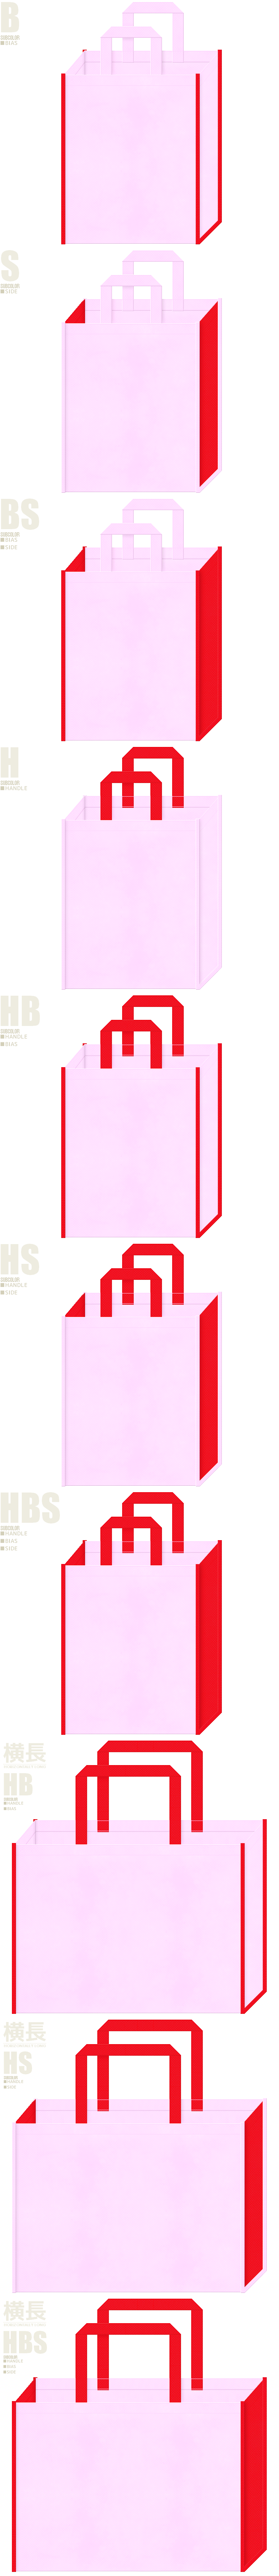 いちご大福・バレンタイン・ひな祭り・カーネーション・母の日・お正月・和風催事にお奨めの不織布バッグデザイン:明るいピンク色と赤色の配色7パターン。